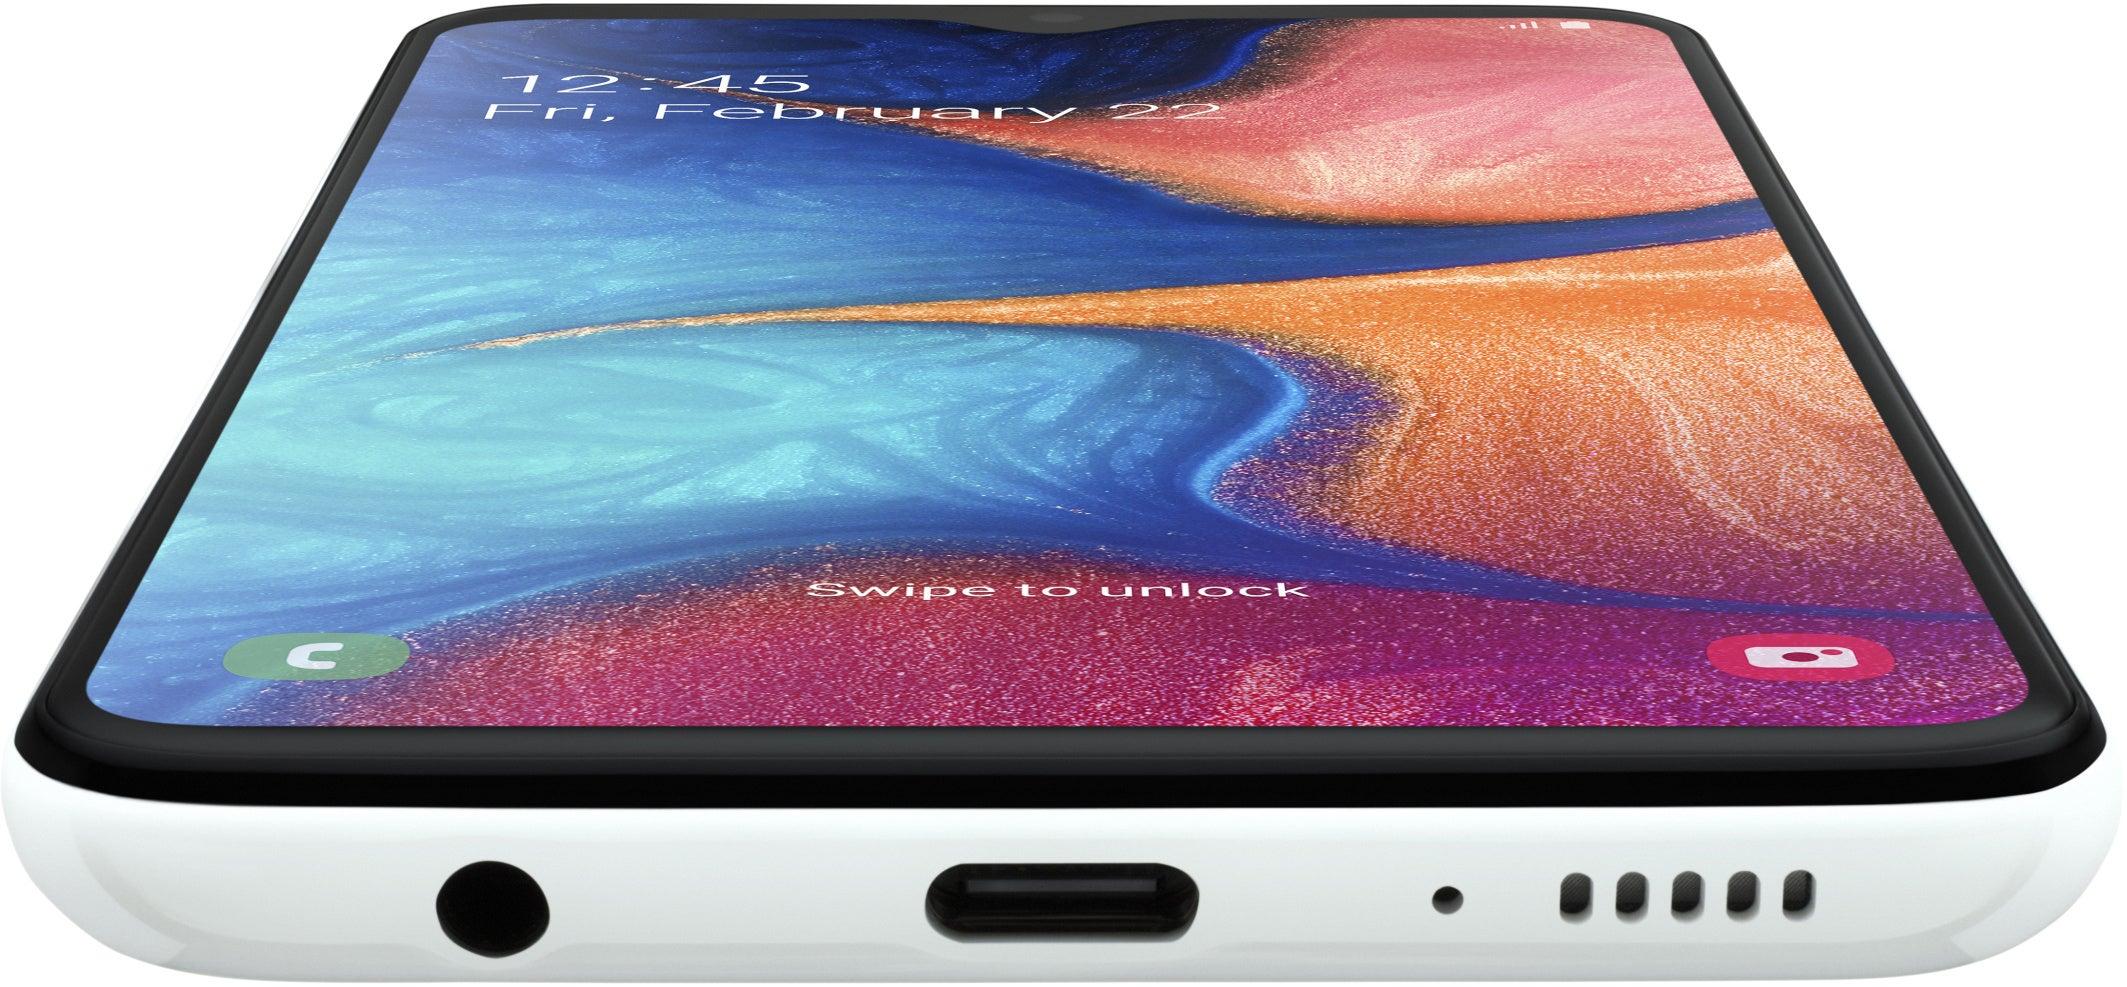 Samsung Galaxy A20e: Das ist Samsungs neuer Einsteiger